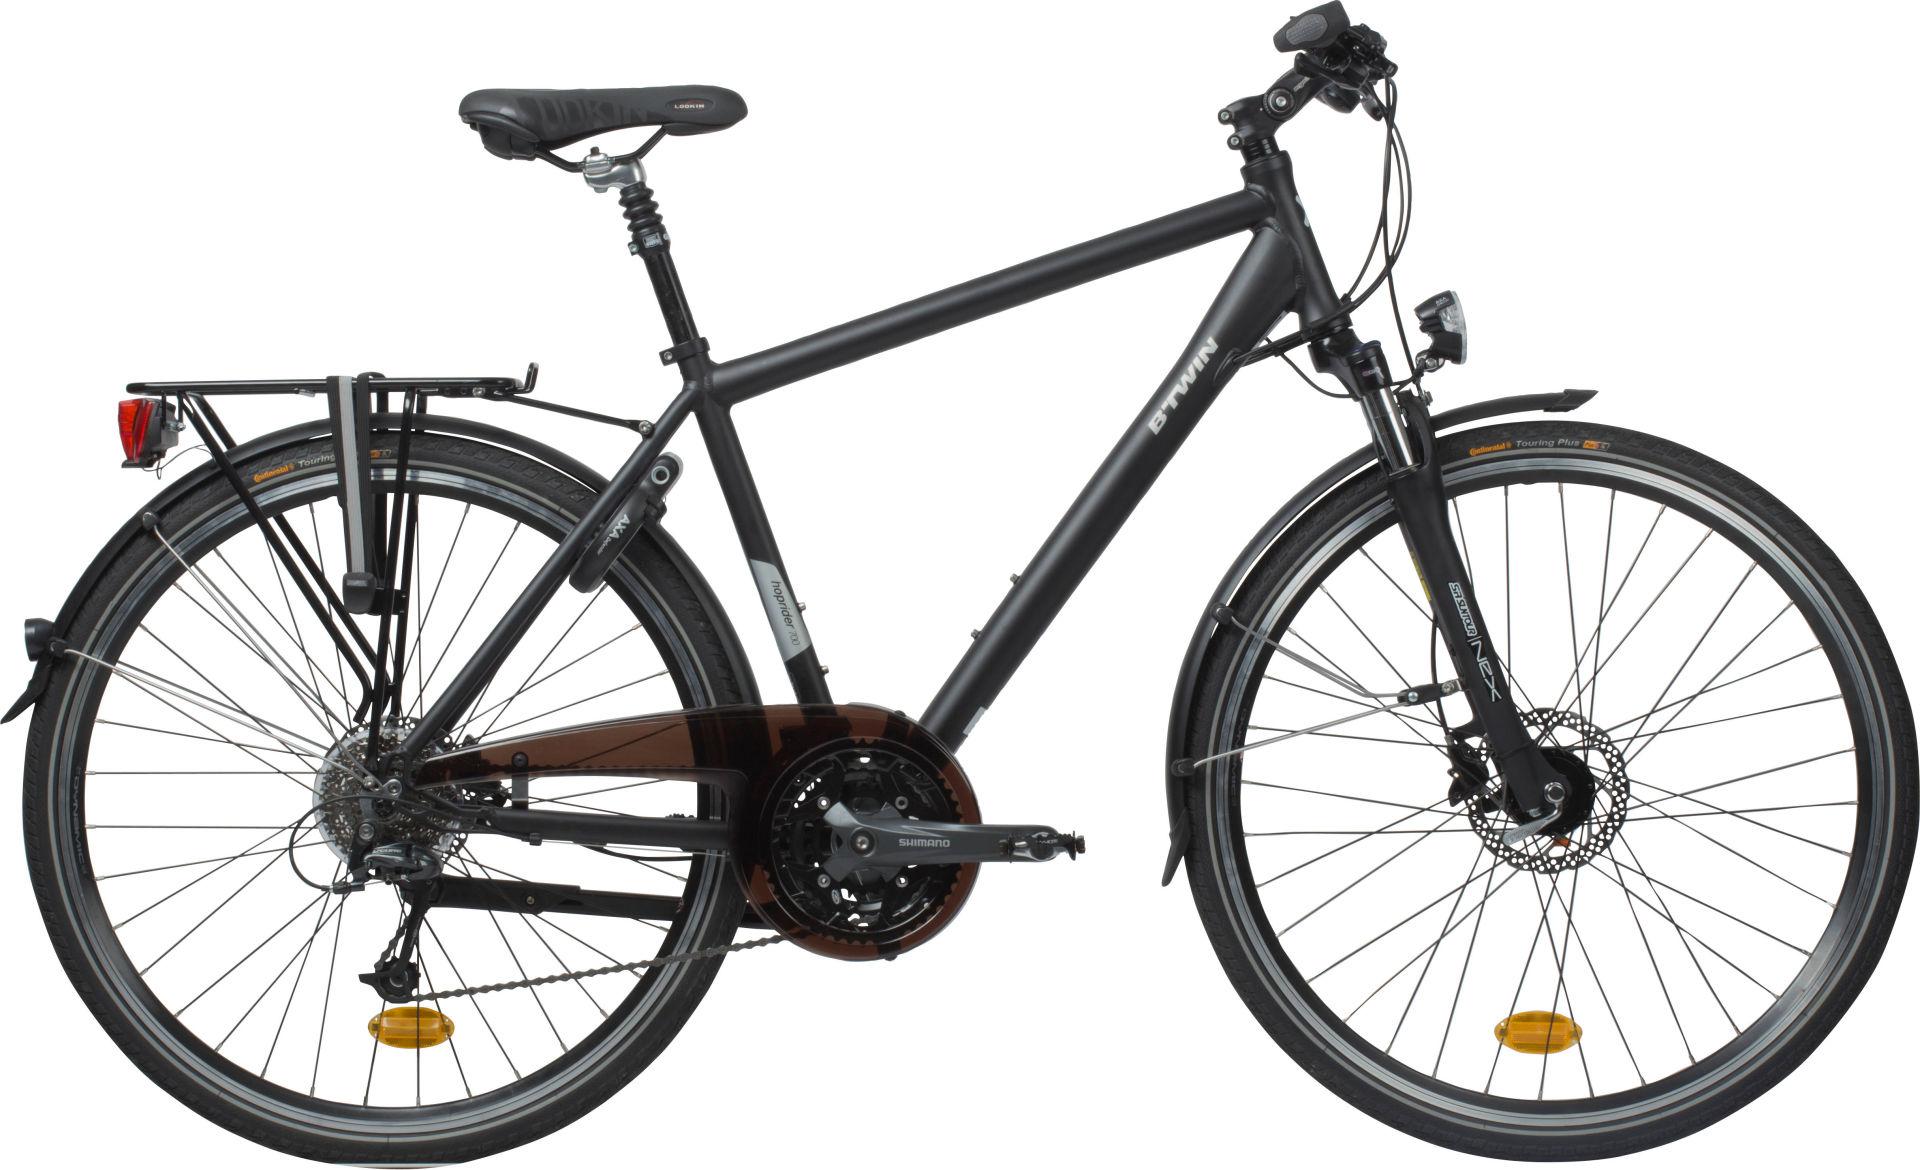 btwin hoprider 700 city bike 2017 hybrid bike. Black Bedroom Furniture Sets. Home Design Ideas